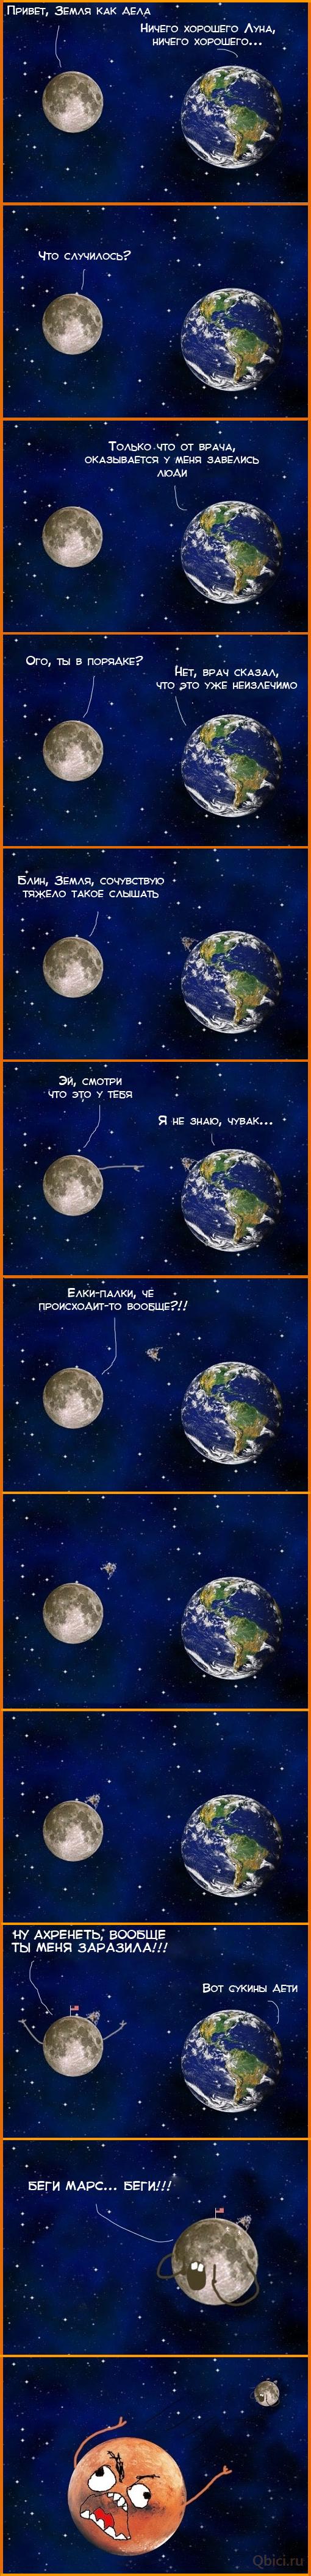 марс fuuu, люди вирус, вирус жизни